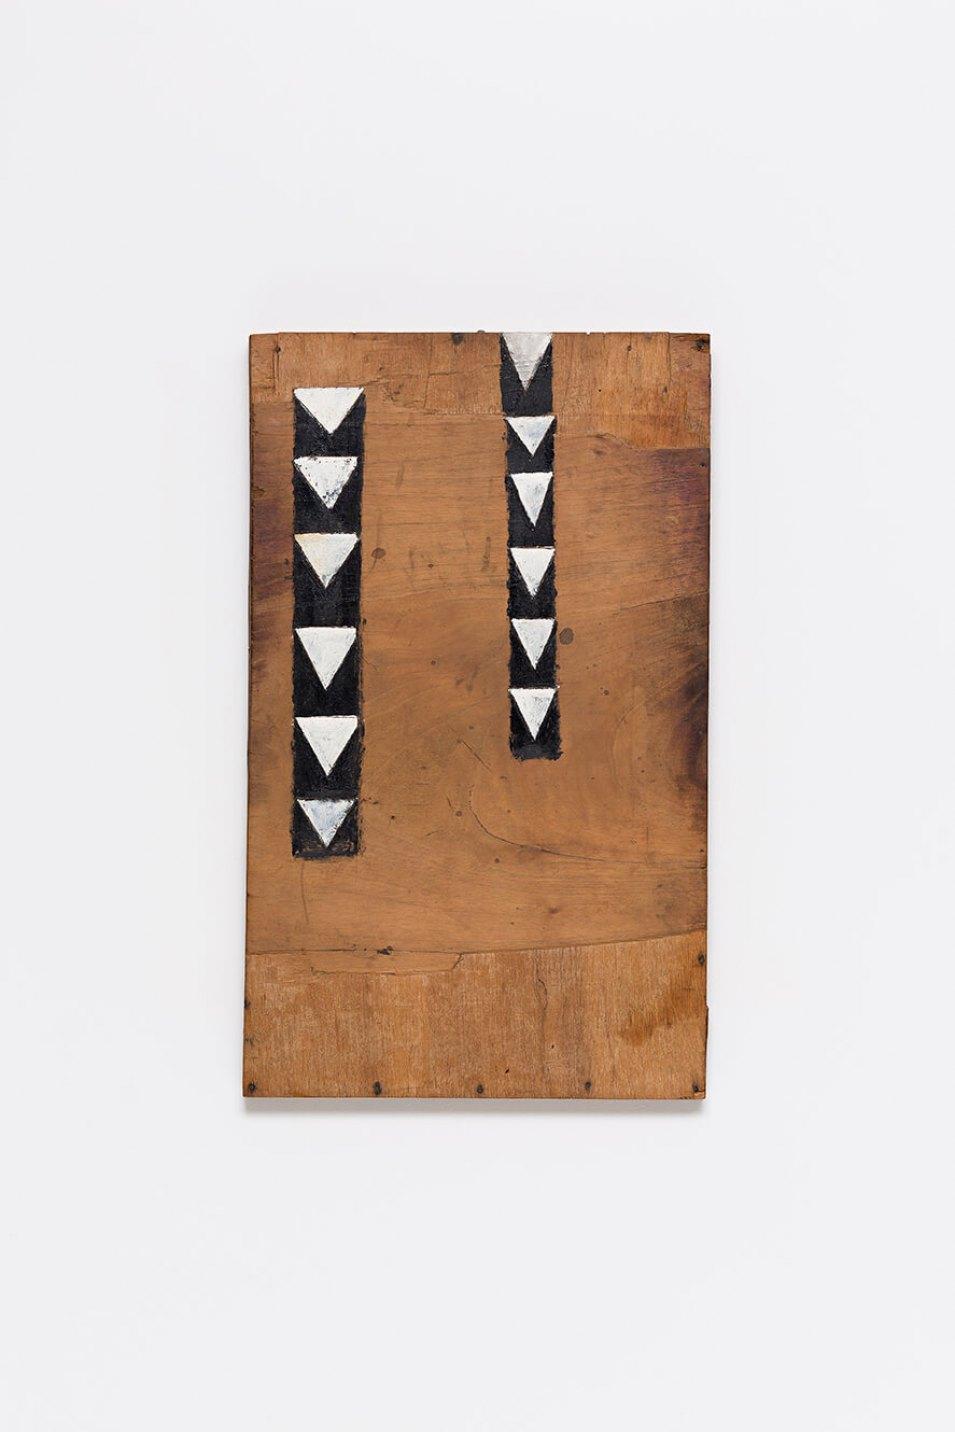 Celso Renato,<em>untitled</em>, n/a,acrylic on wood,57 × 35 × 4,5 cm - Mendes Wood DM